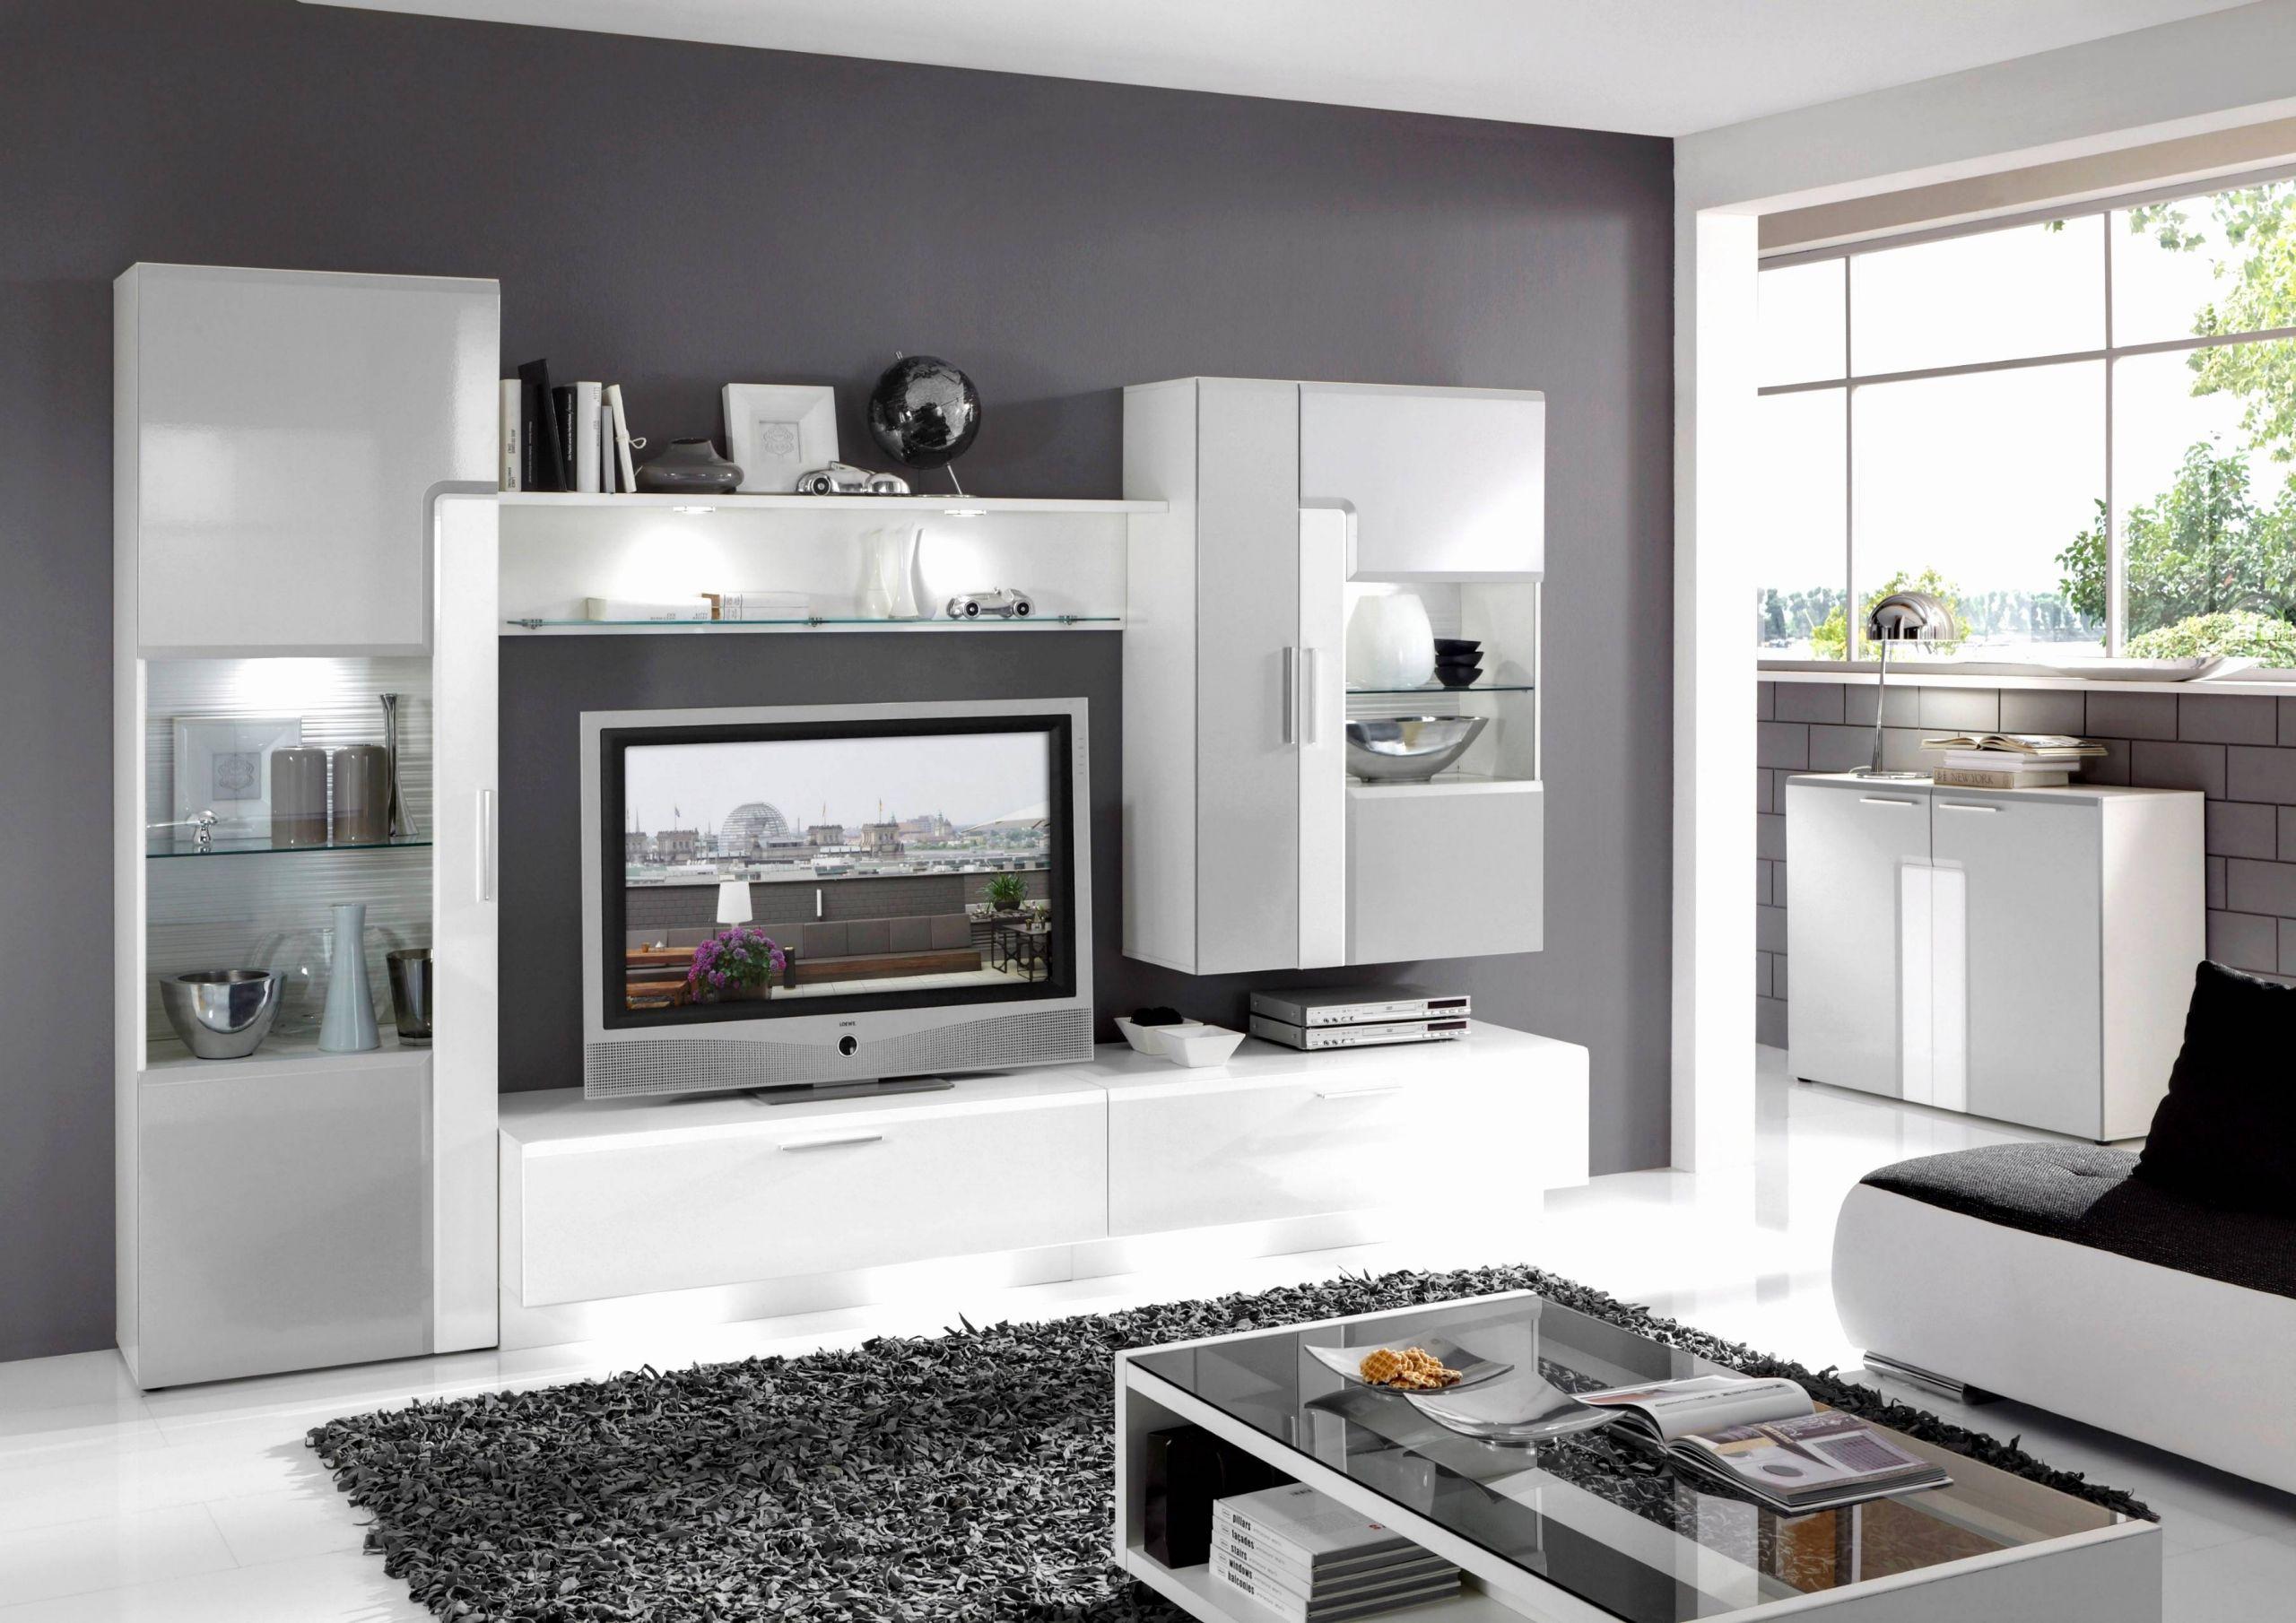 wohnzimmer deko tips luxury wohnzimmer klein einrichten 30 wohnzimmer deko ideen 2018 und auch of wohnzimmer deko tips